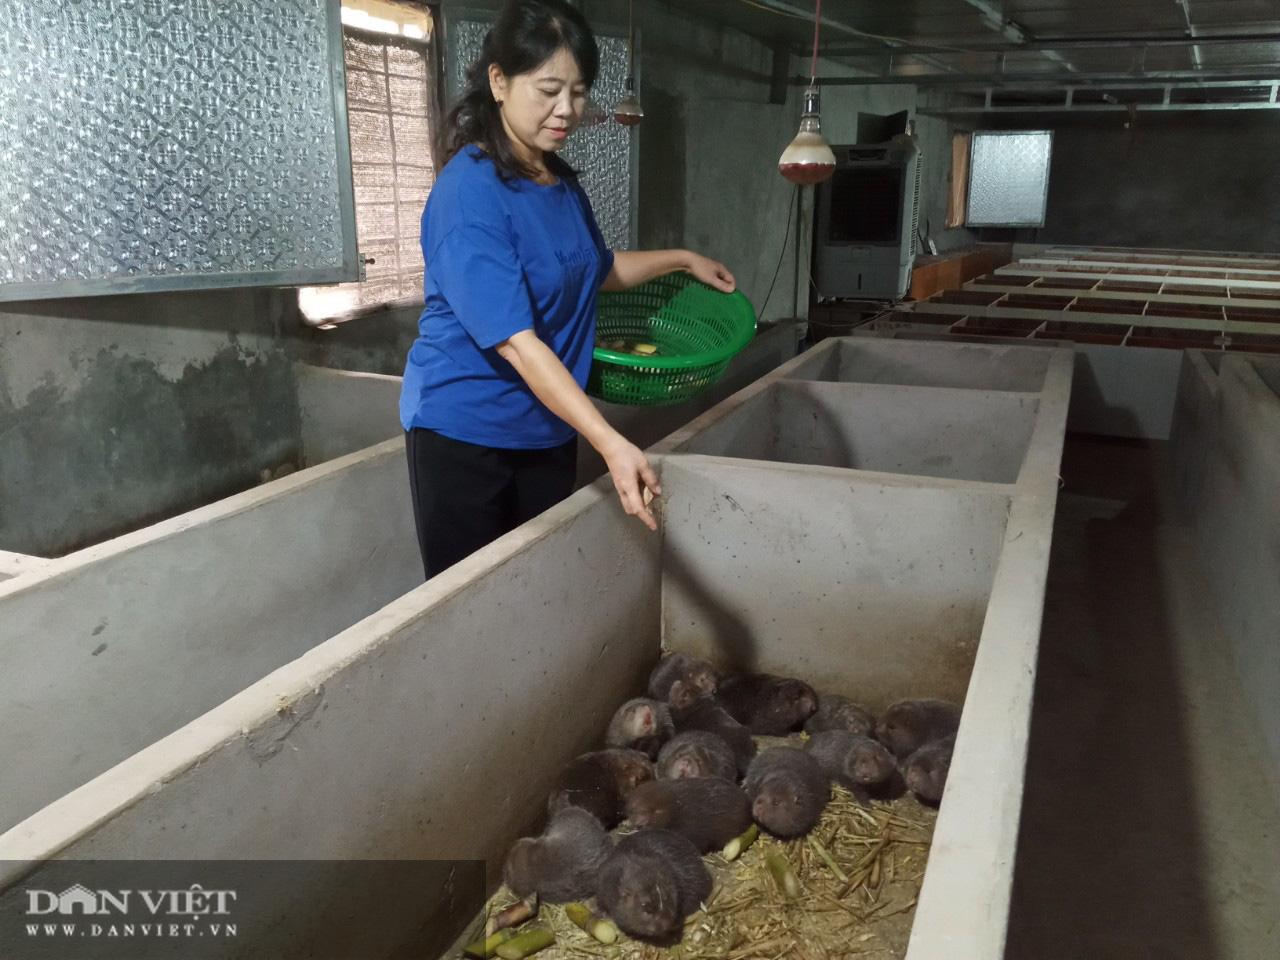 Đút túi trên 1 tỷ mỗi năm nhờ nuôi con chuột khổng lồ ăn cỏ voi, thân tre - Ảnh 2.